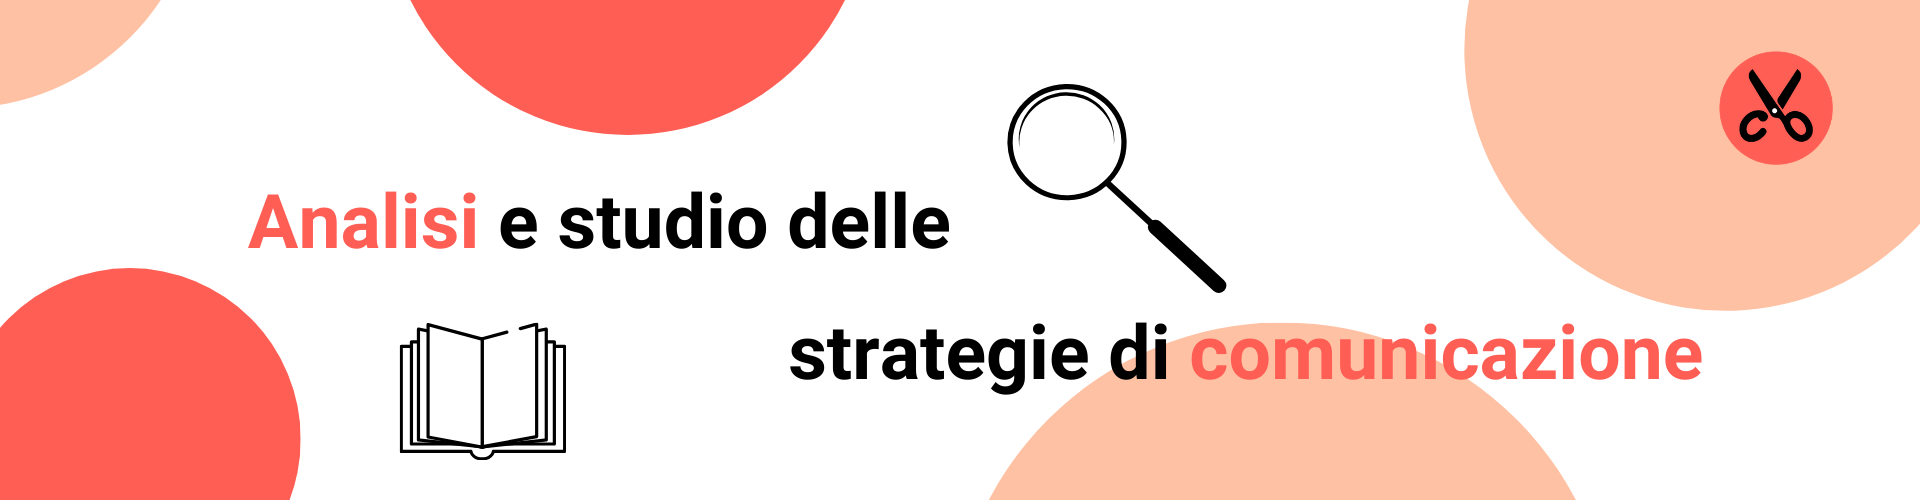 analisi e studio delle strategie di comunicazione. consulenza di comunicazione